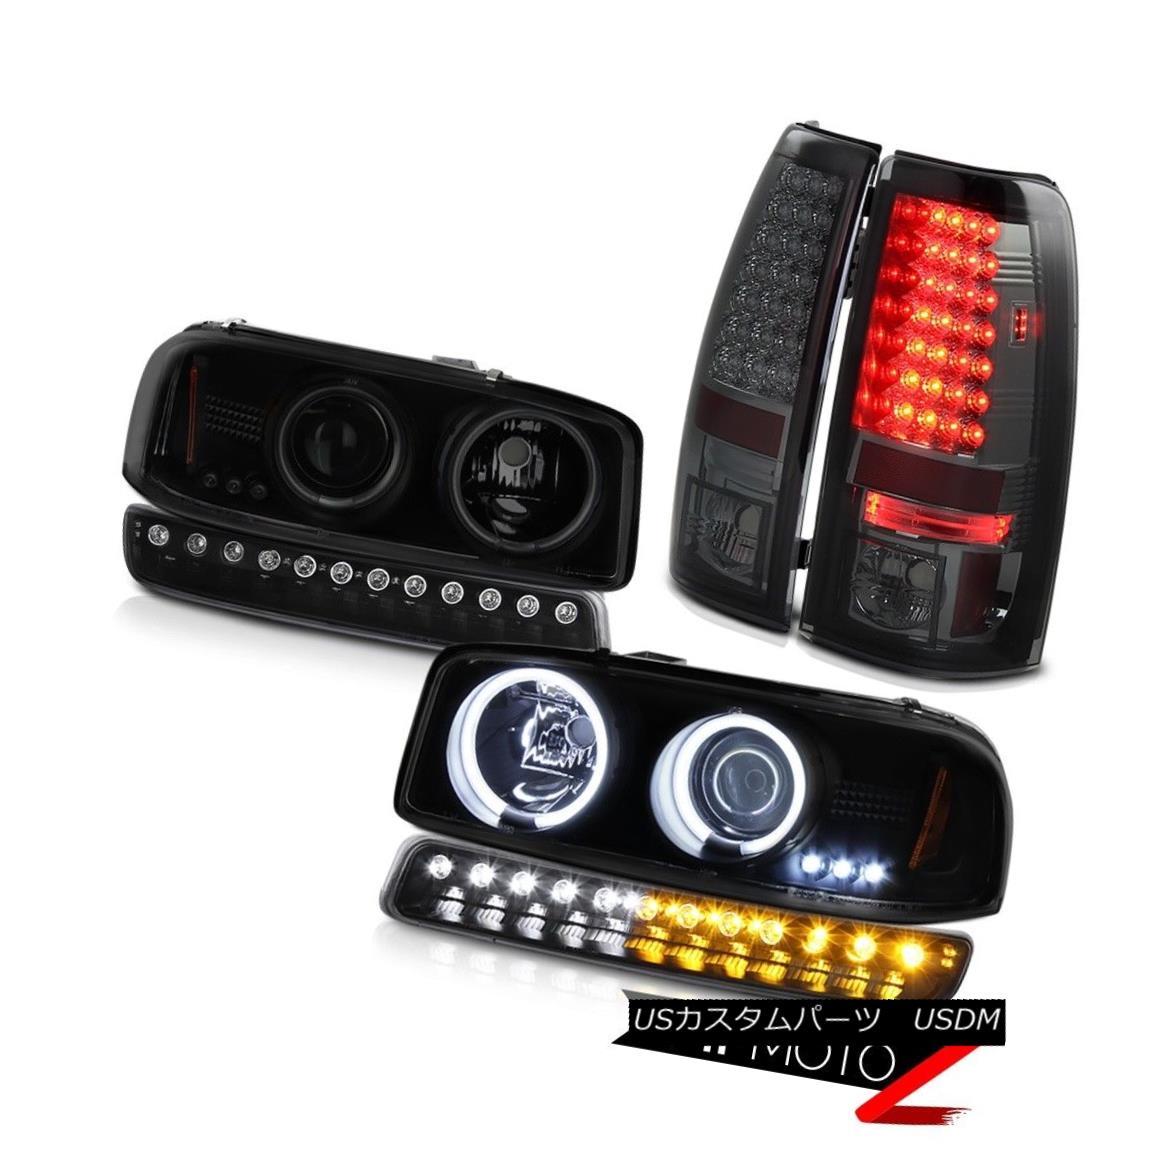 テールライト 99 00 01 02 Sierra C3 LED tail lamps raven black parking light ccfl headlights 99 00 01 02シエラC3 LEDテールランプラベンツ黒パーキングライトccflヘッドライト